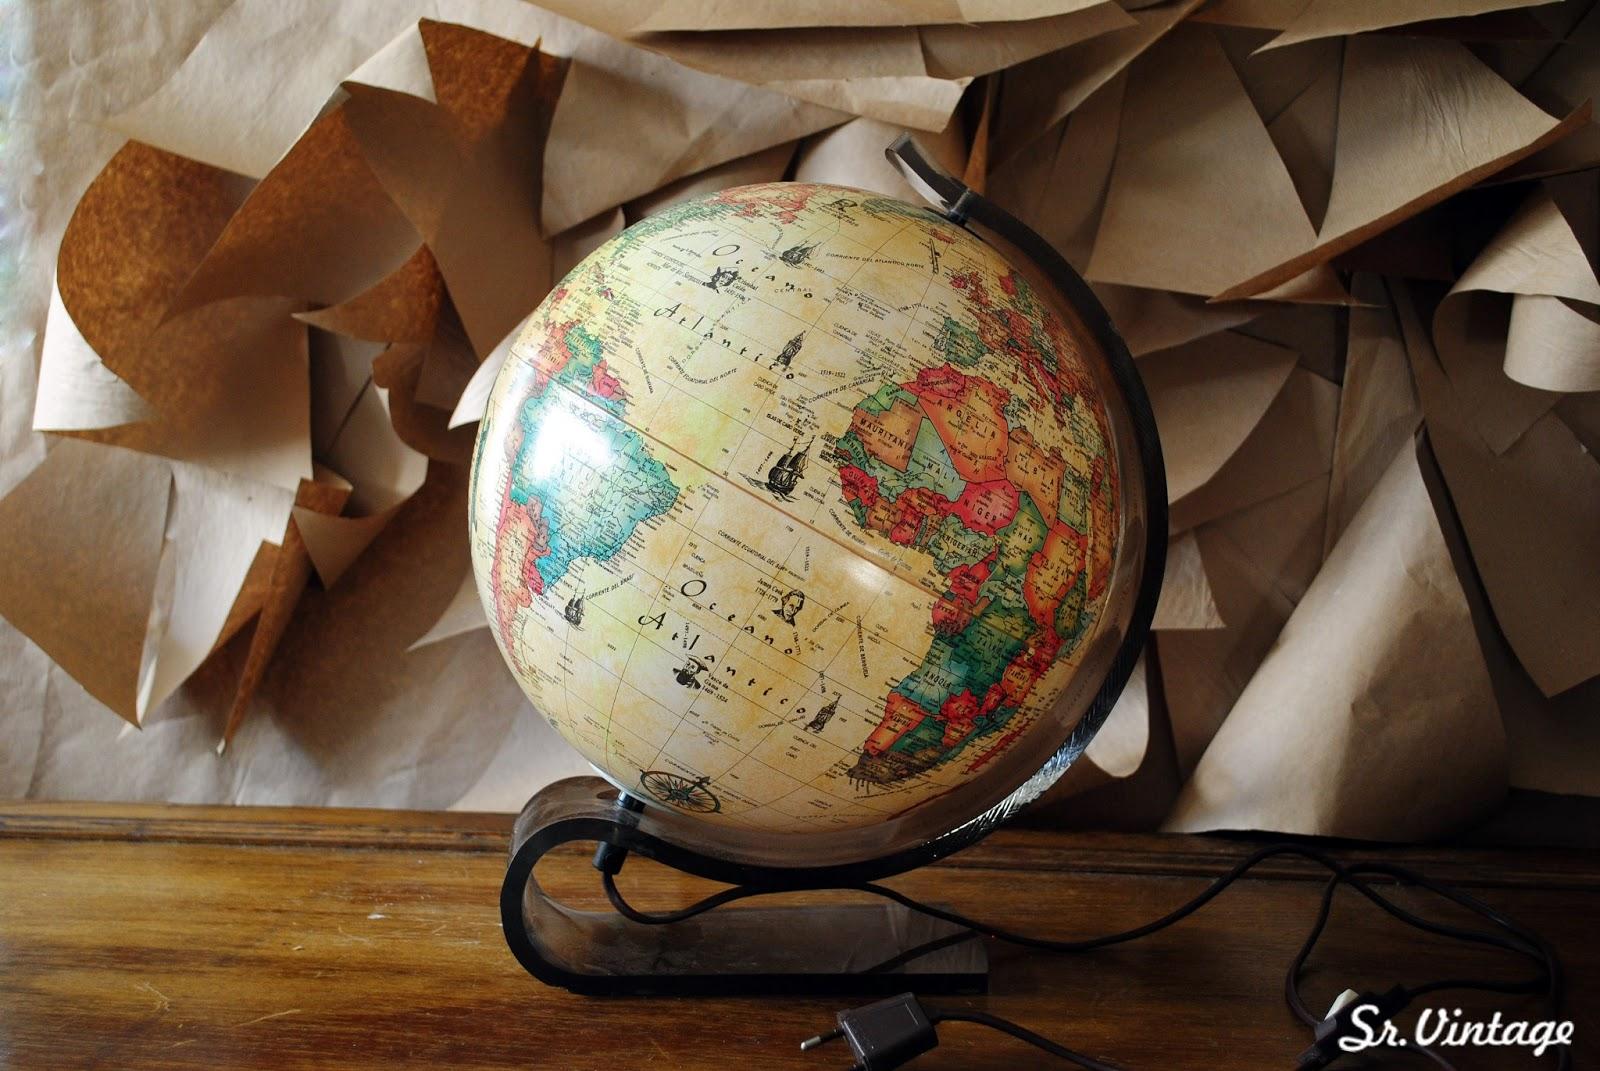 Sr vintage shop tienda de decoraci n vintage retro chic - Bola del mundo decoracion ...